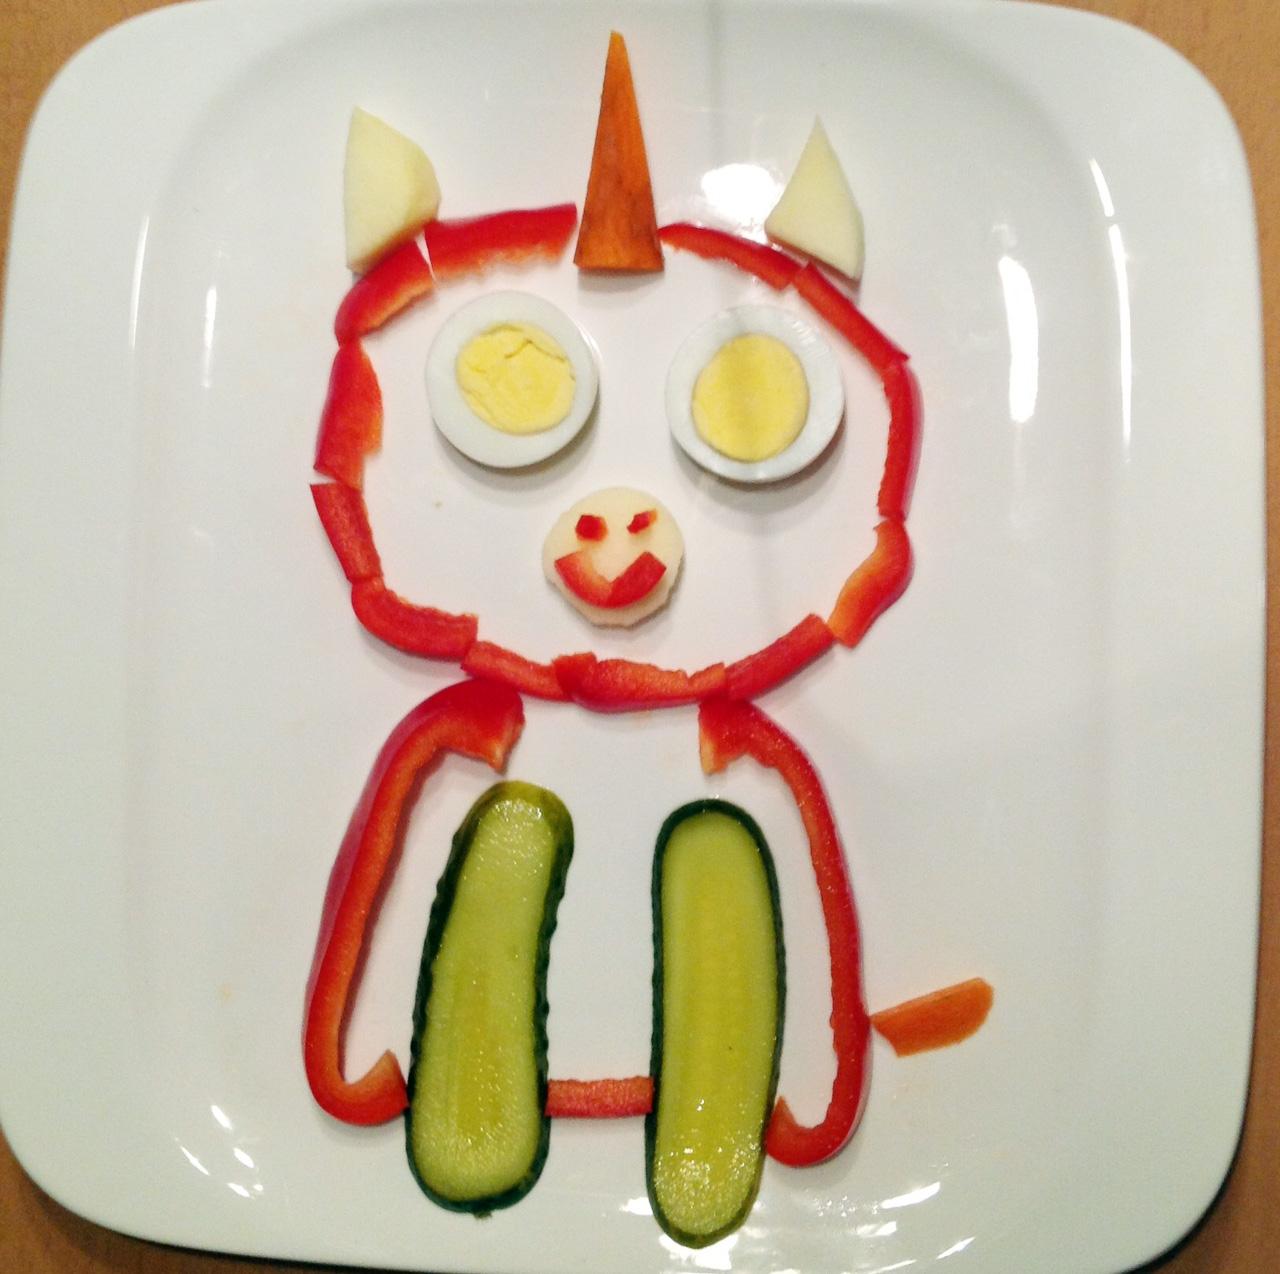 Nur für Tochter erkennbar: Ihr Einhorn-Glubschi. Aus Paprika, Ei, Gewürzgurke, Apfel, Karotte.